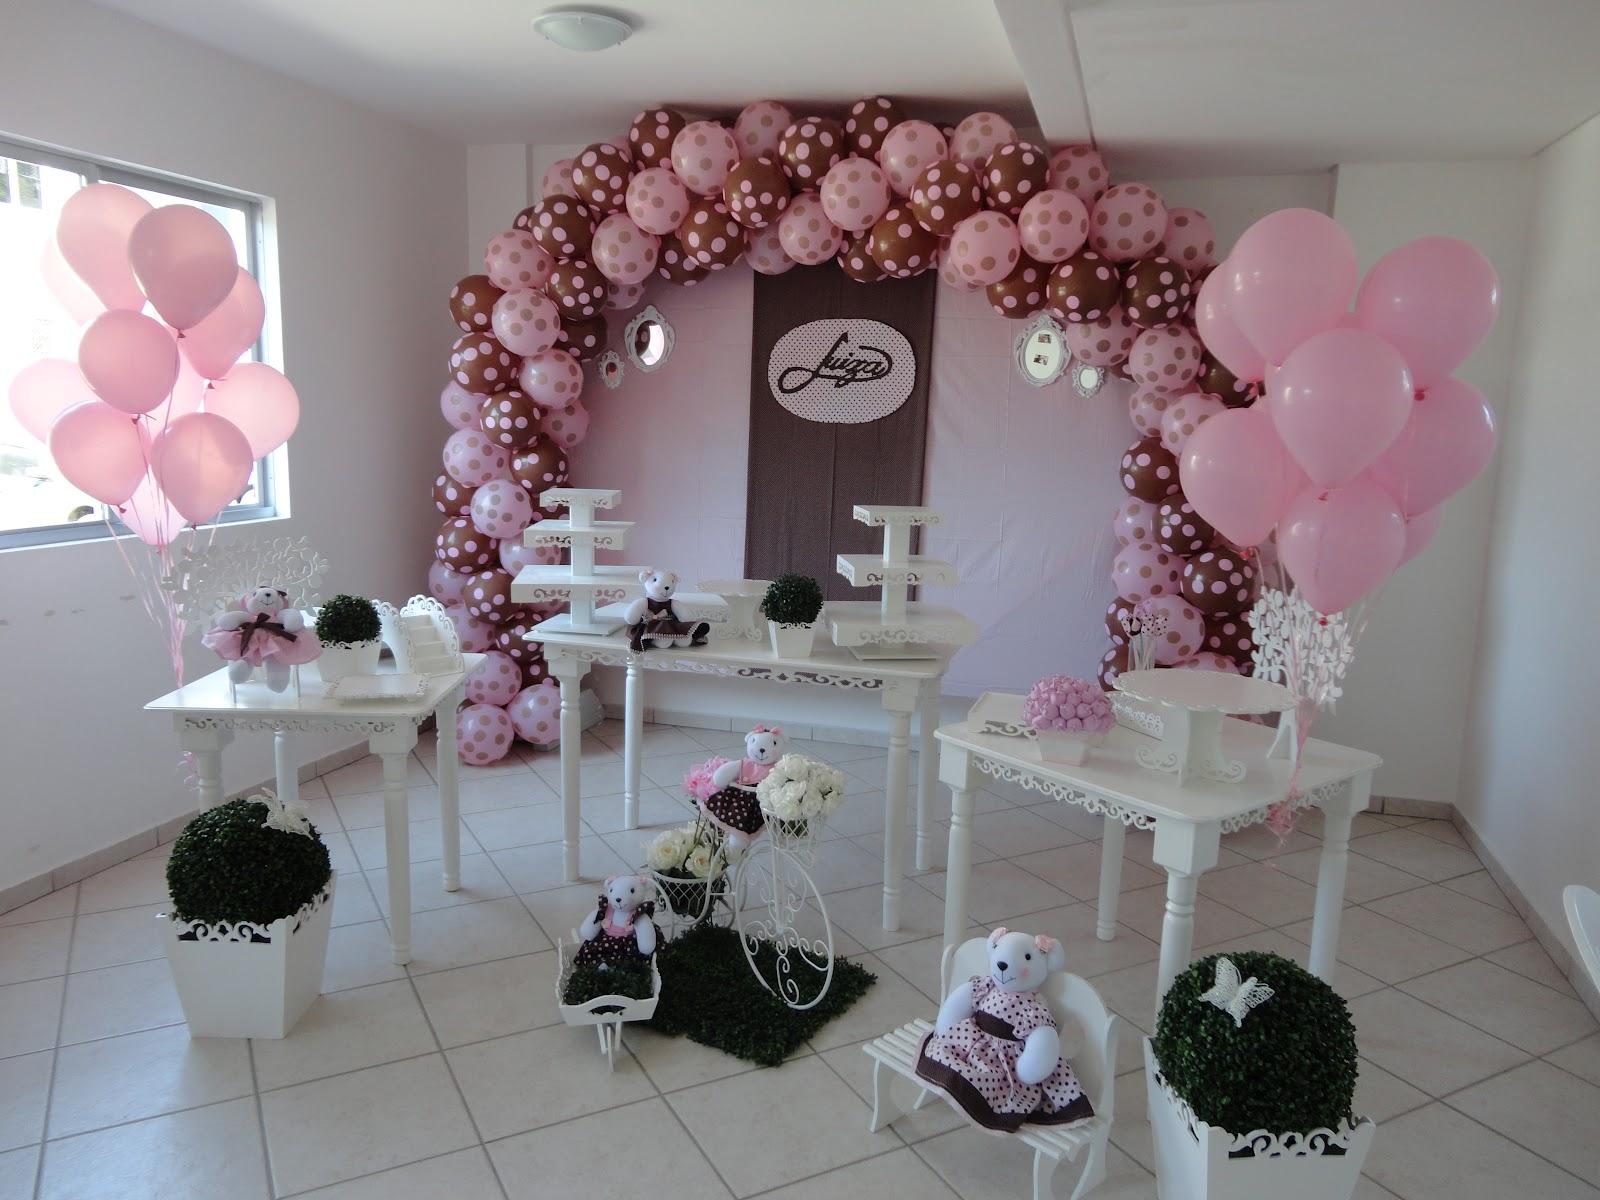 Arco de balão póa marrom e rosa